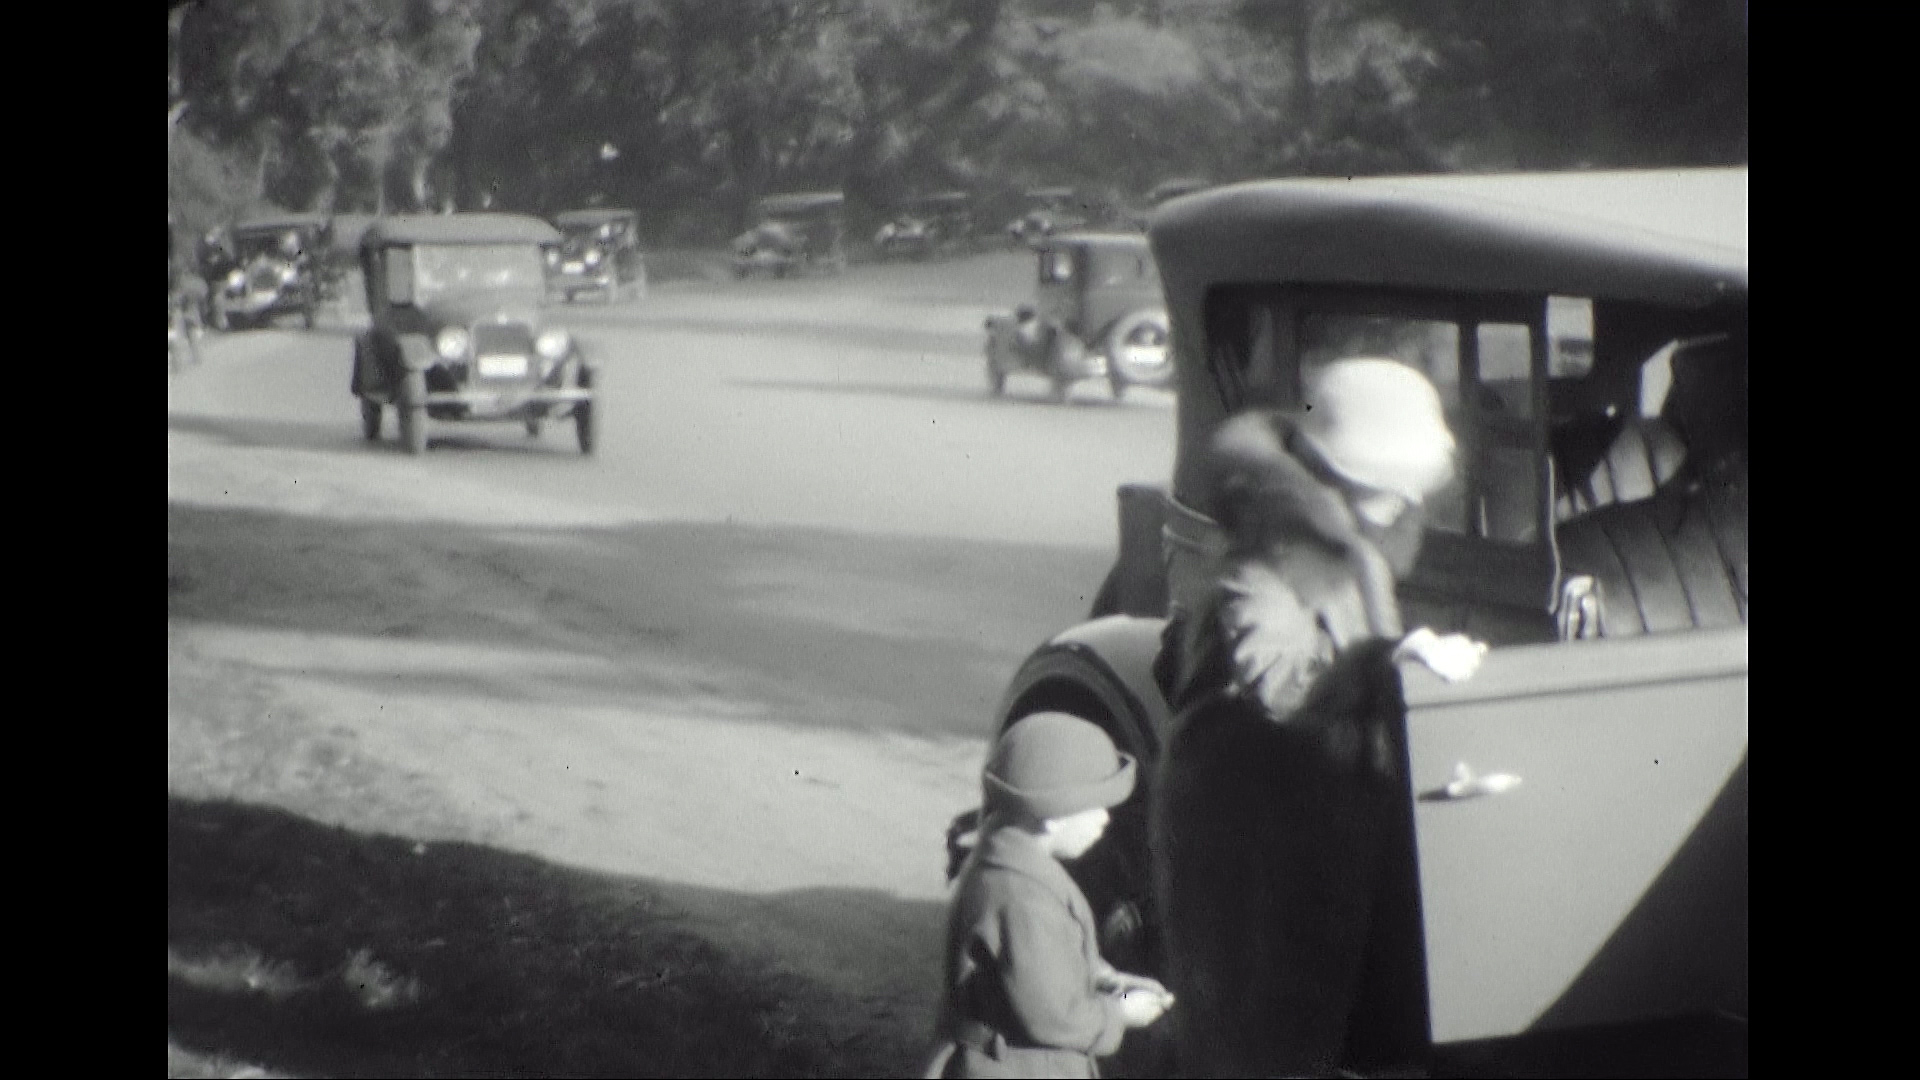 16mm Film Frame